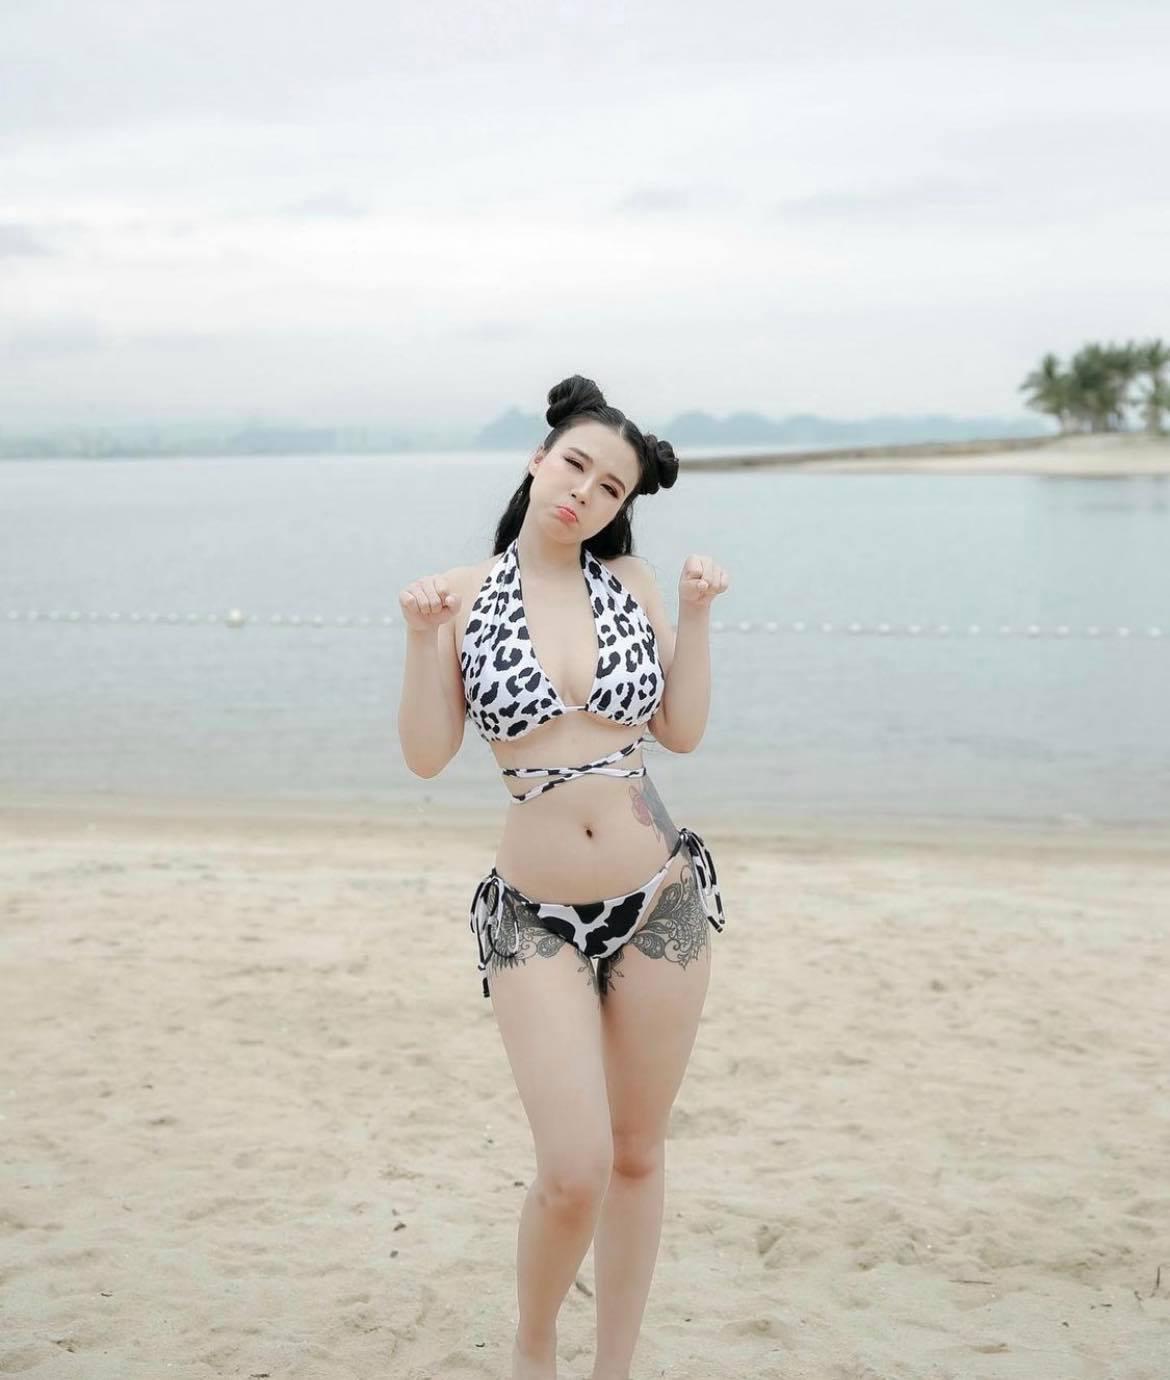 """Linh Miu khoe hình xăm kín thân với đồ bơi, vị trí """"vẩy mực"""" dễ gây hiểu lầm - 3"""